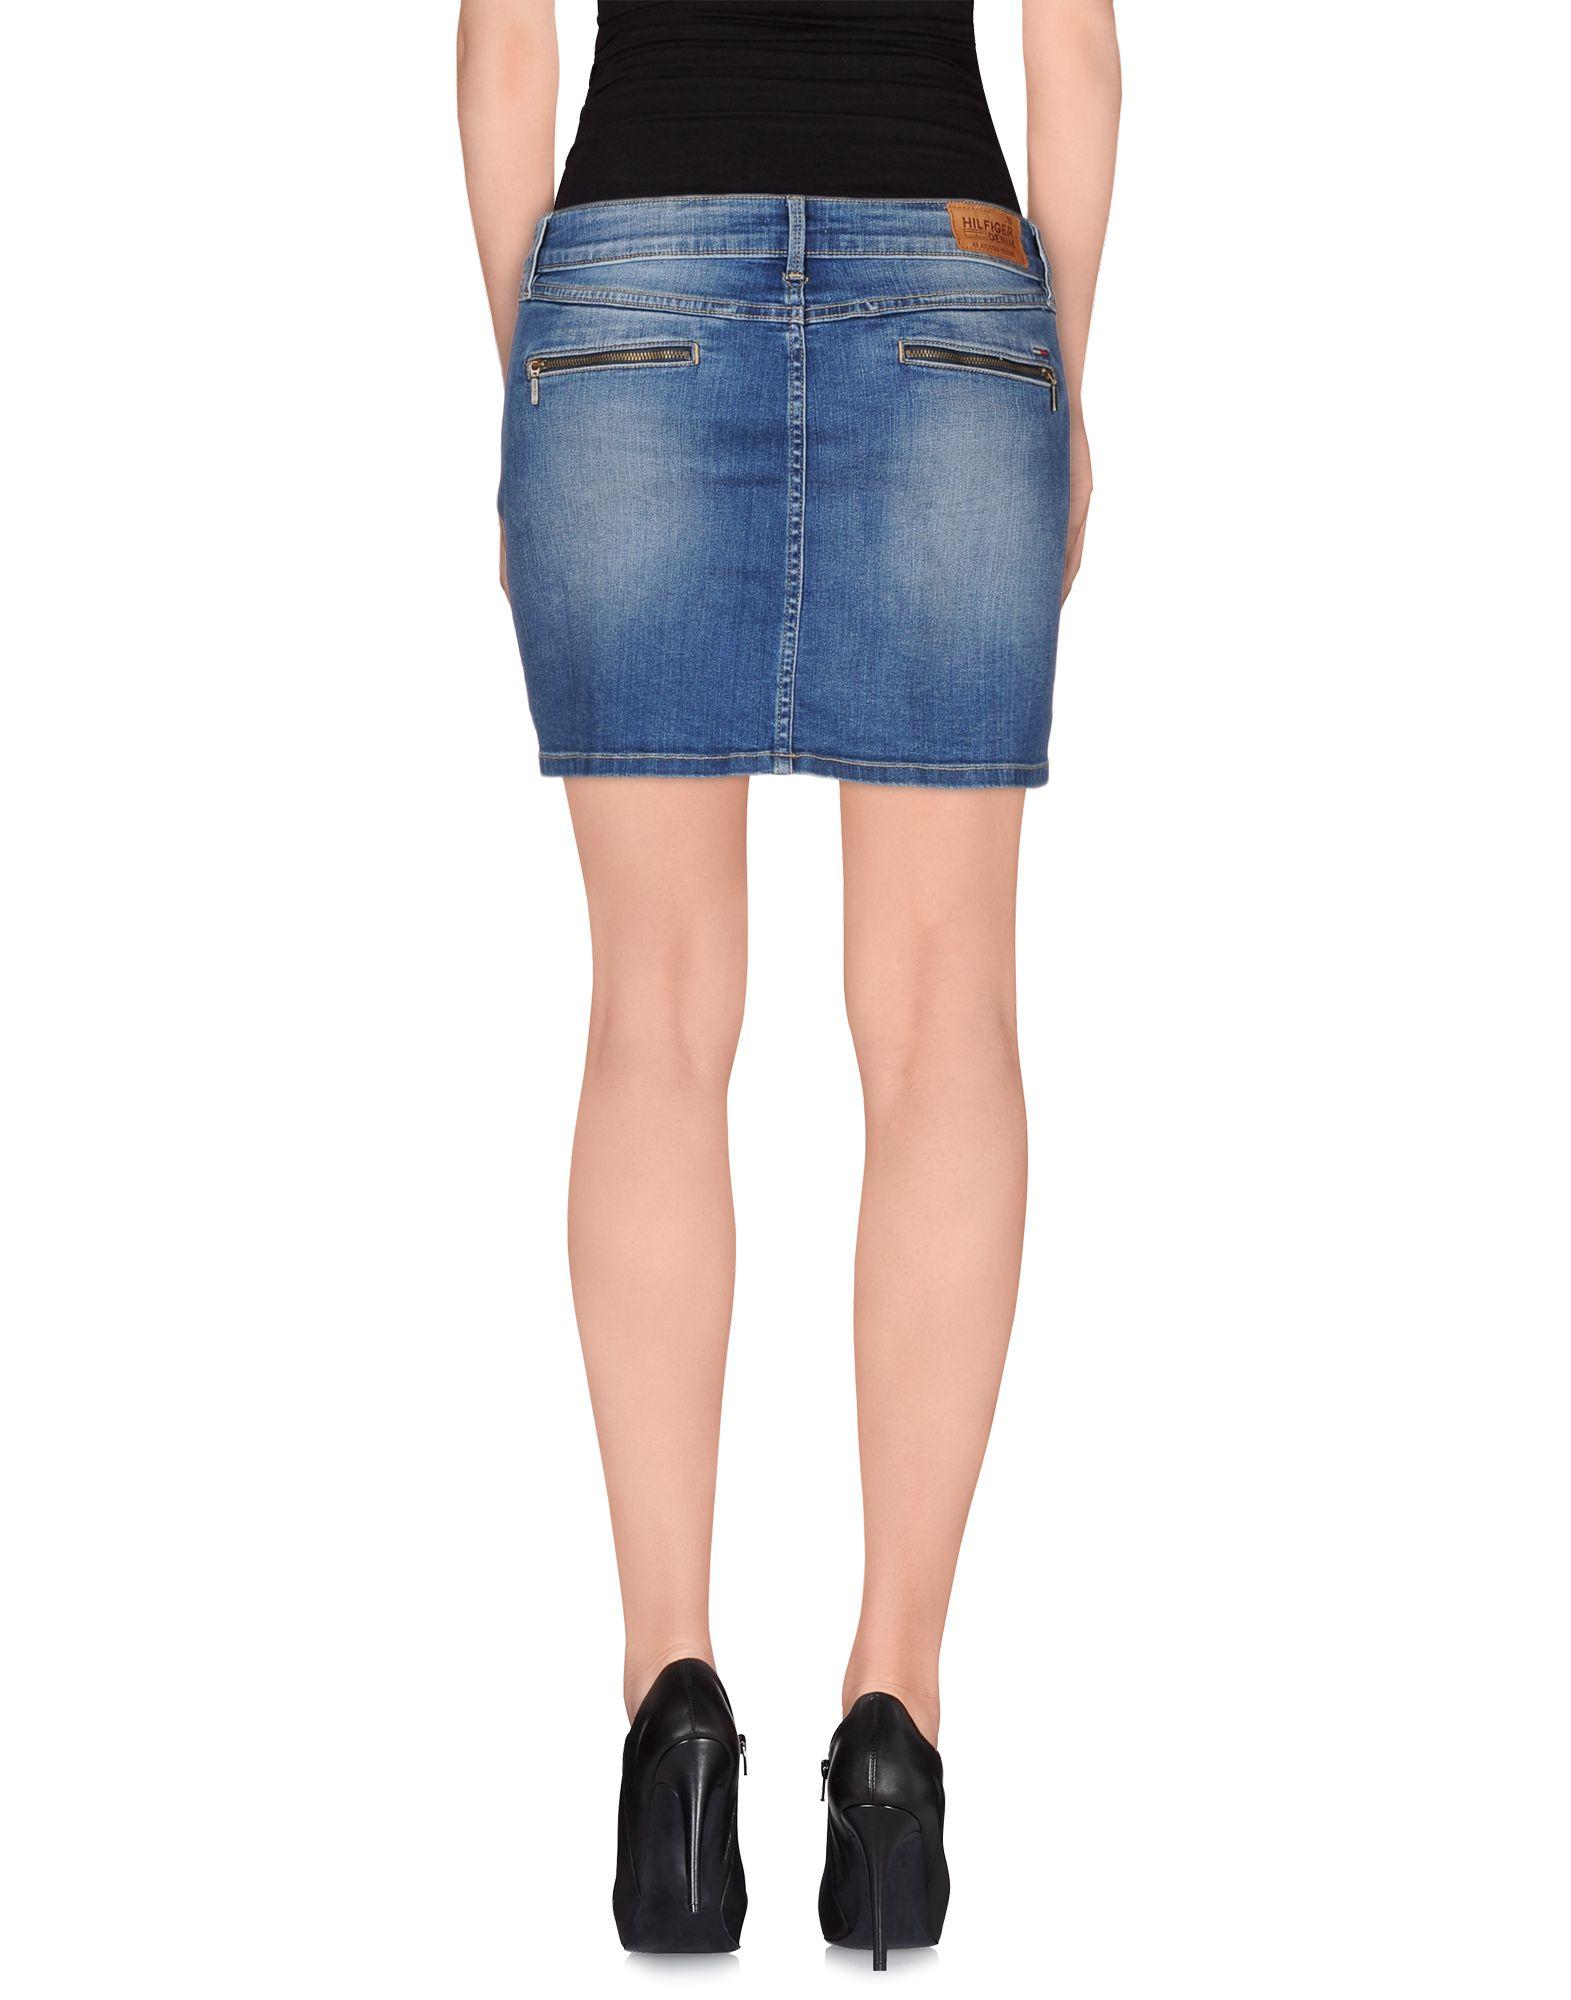 Hilfiger denim Denim Skirt in Blue | Lyst